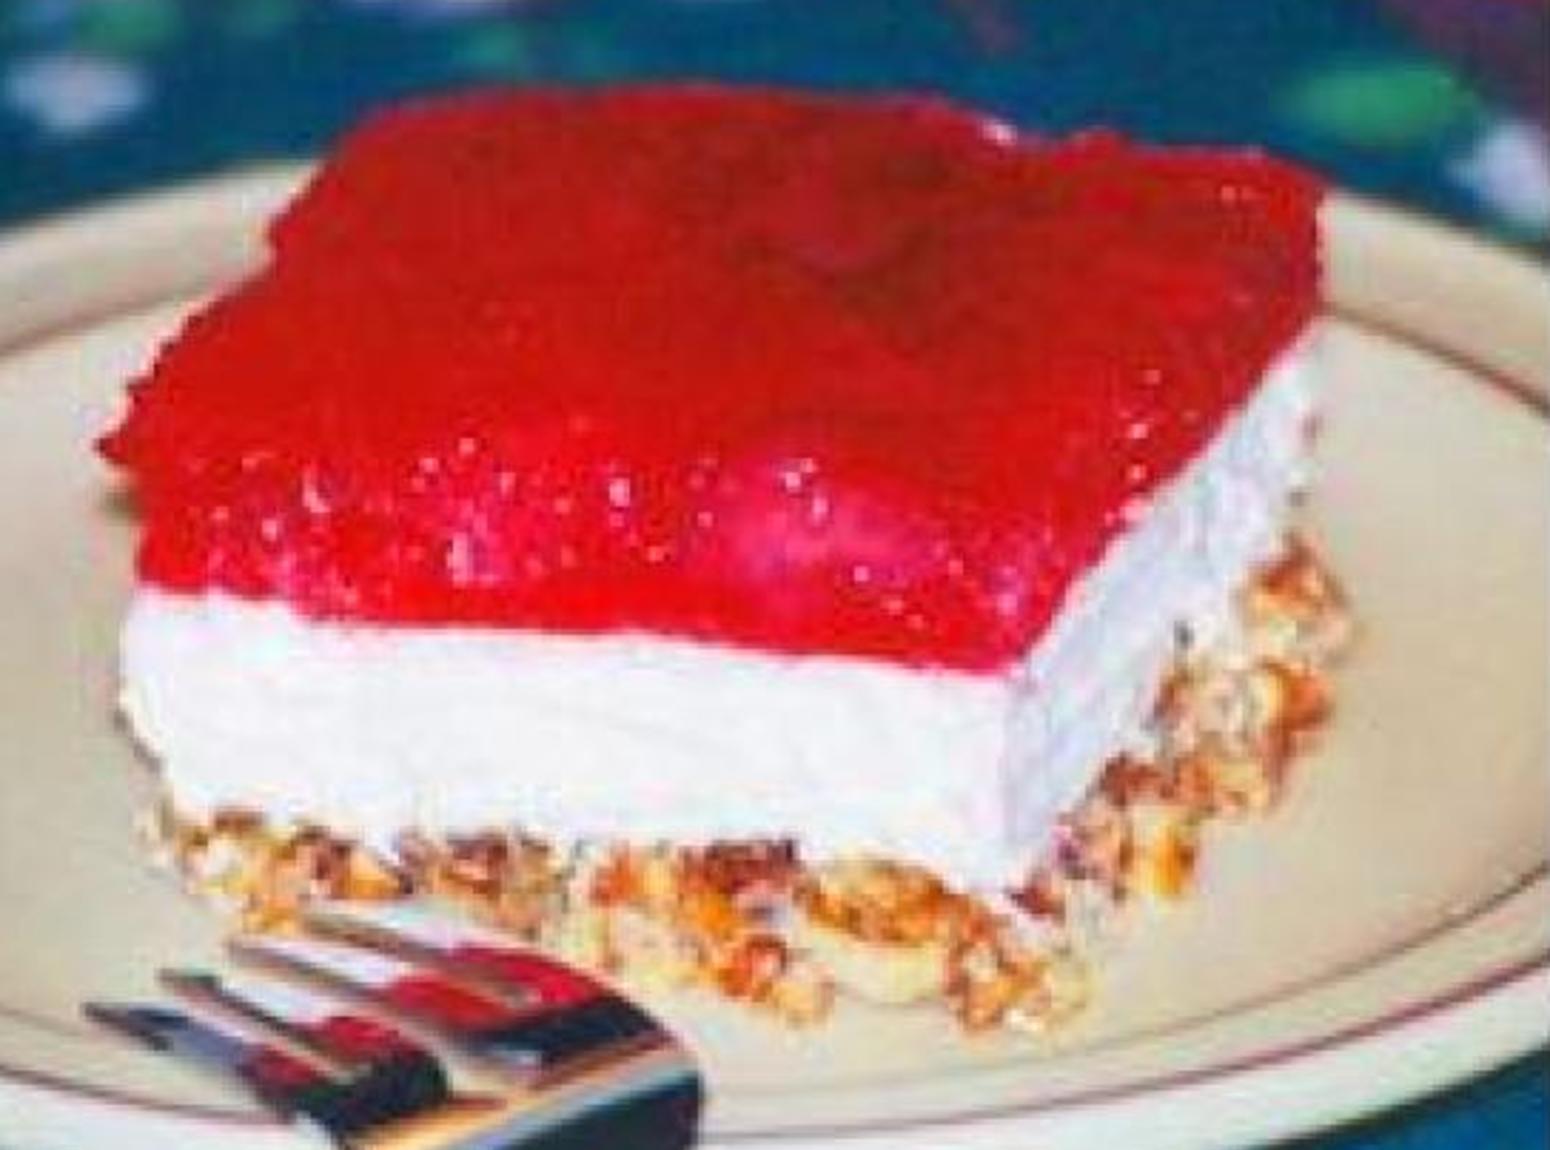 Cake Recipe With Strawberry Jello: Strawberry Jello-Pretzel Dessert Recipe